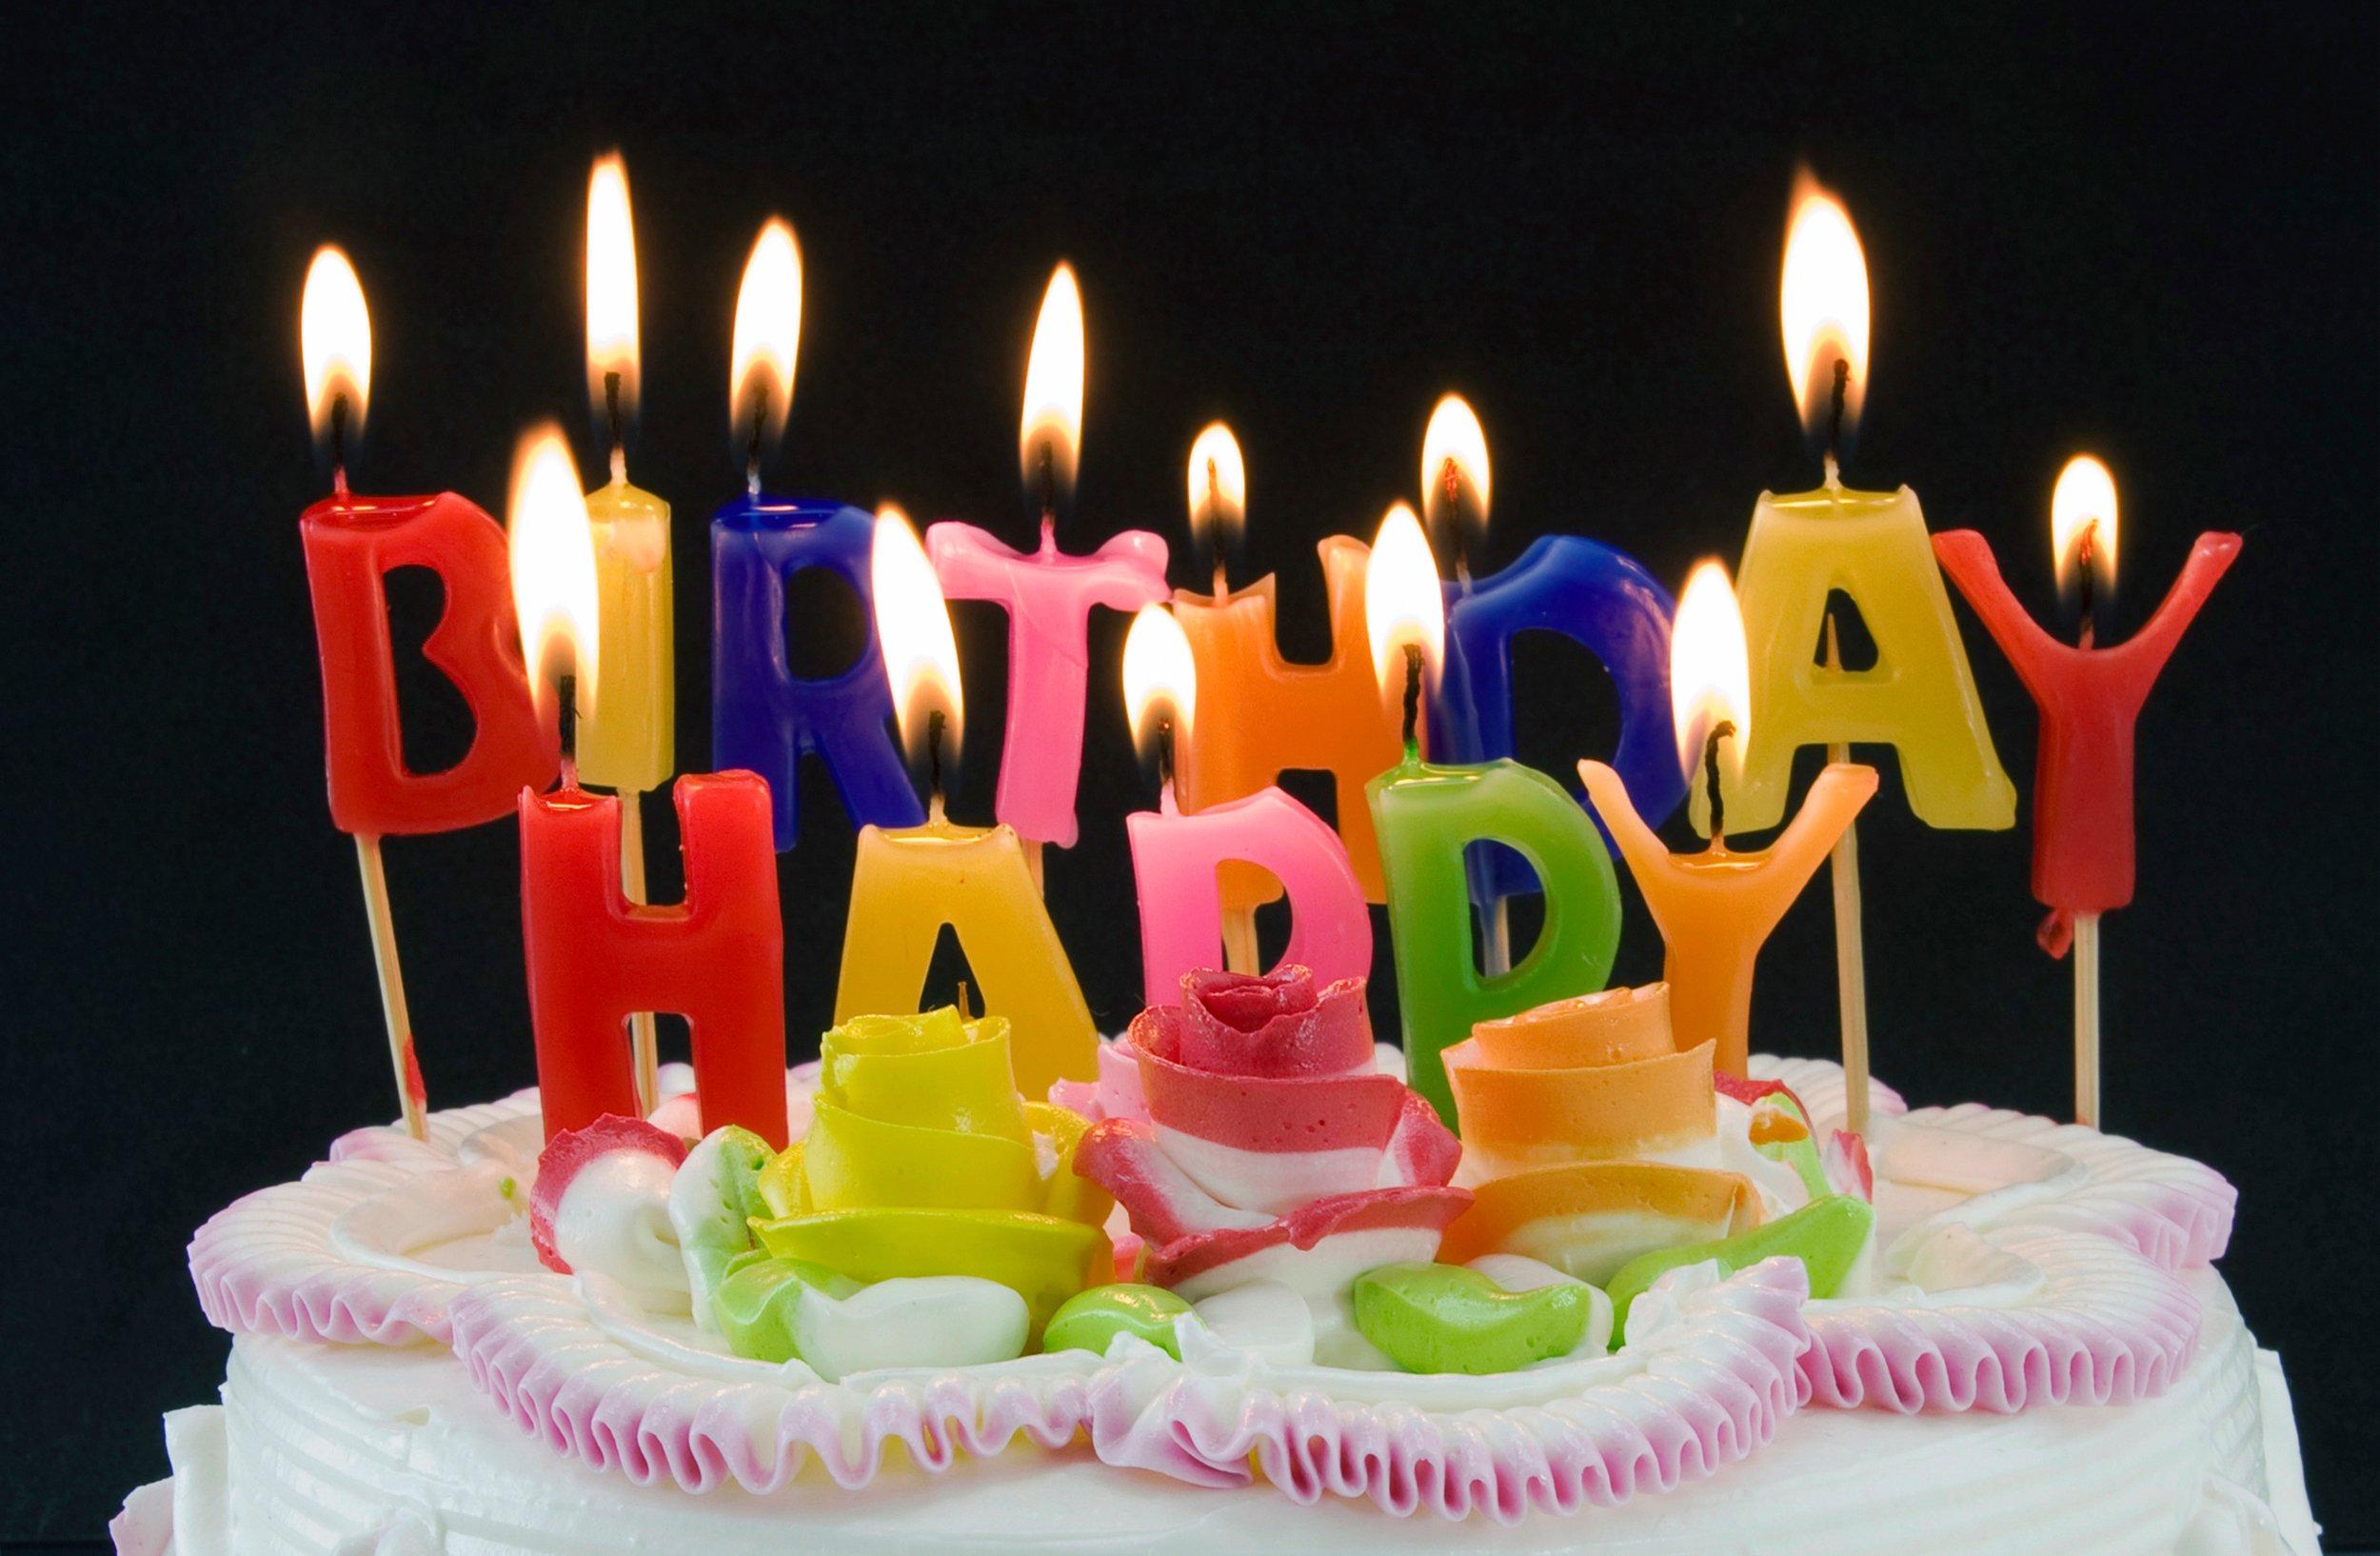 Торт со свечами открытка с днем рождения маме обширная программа